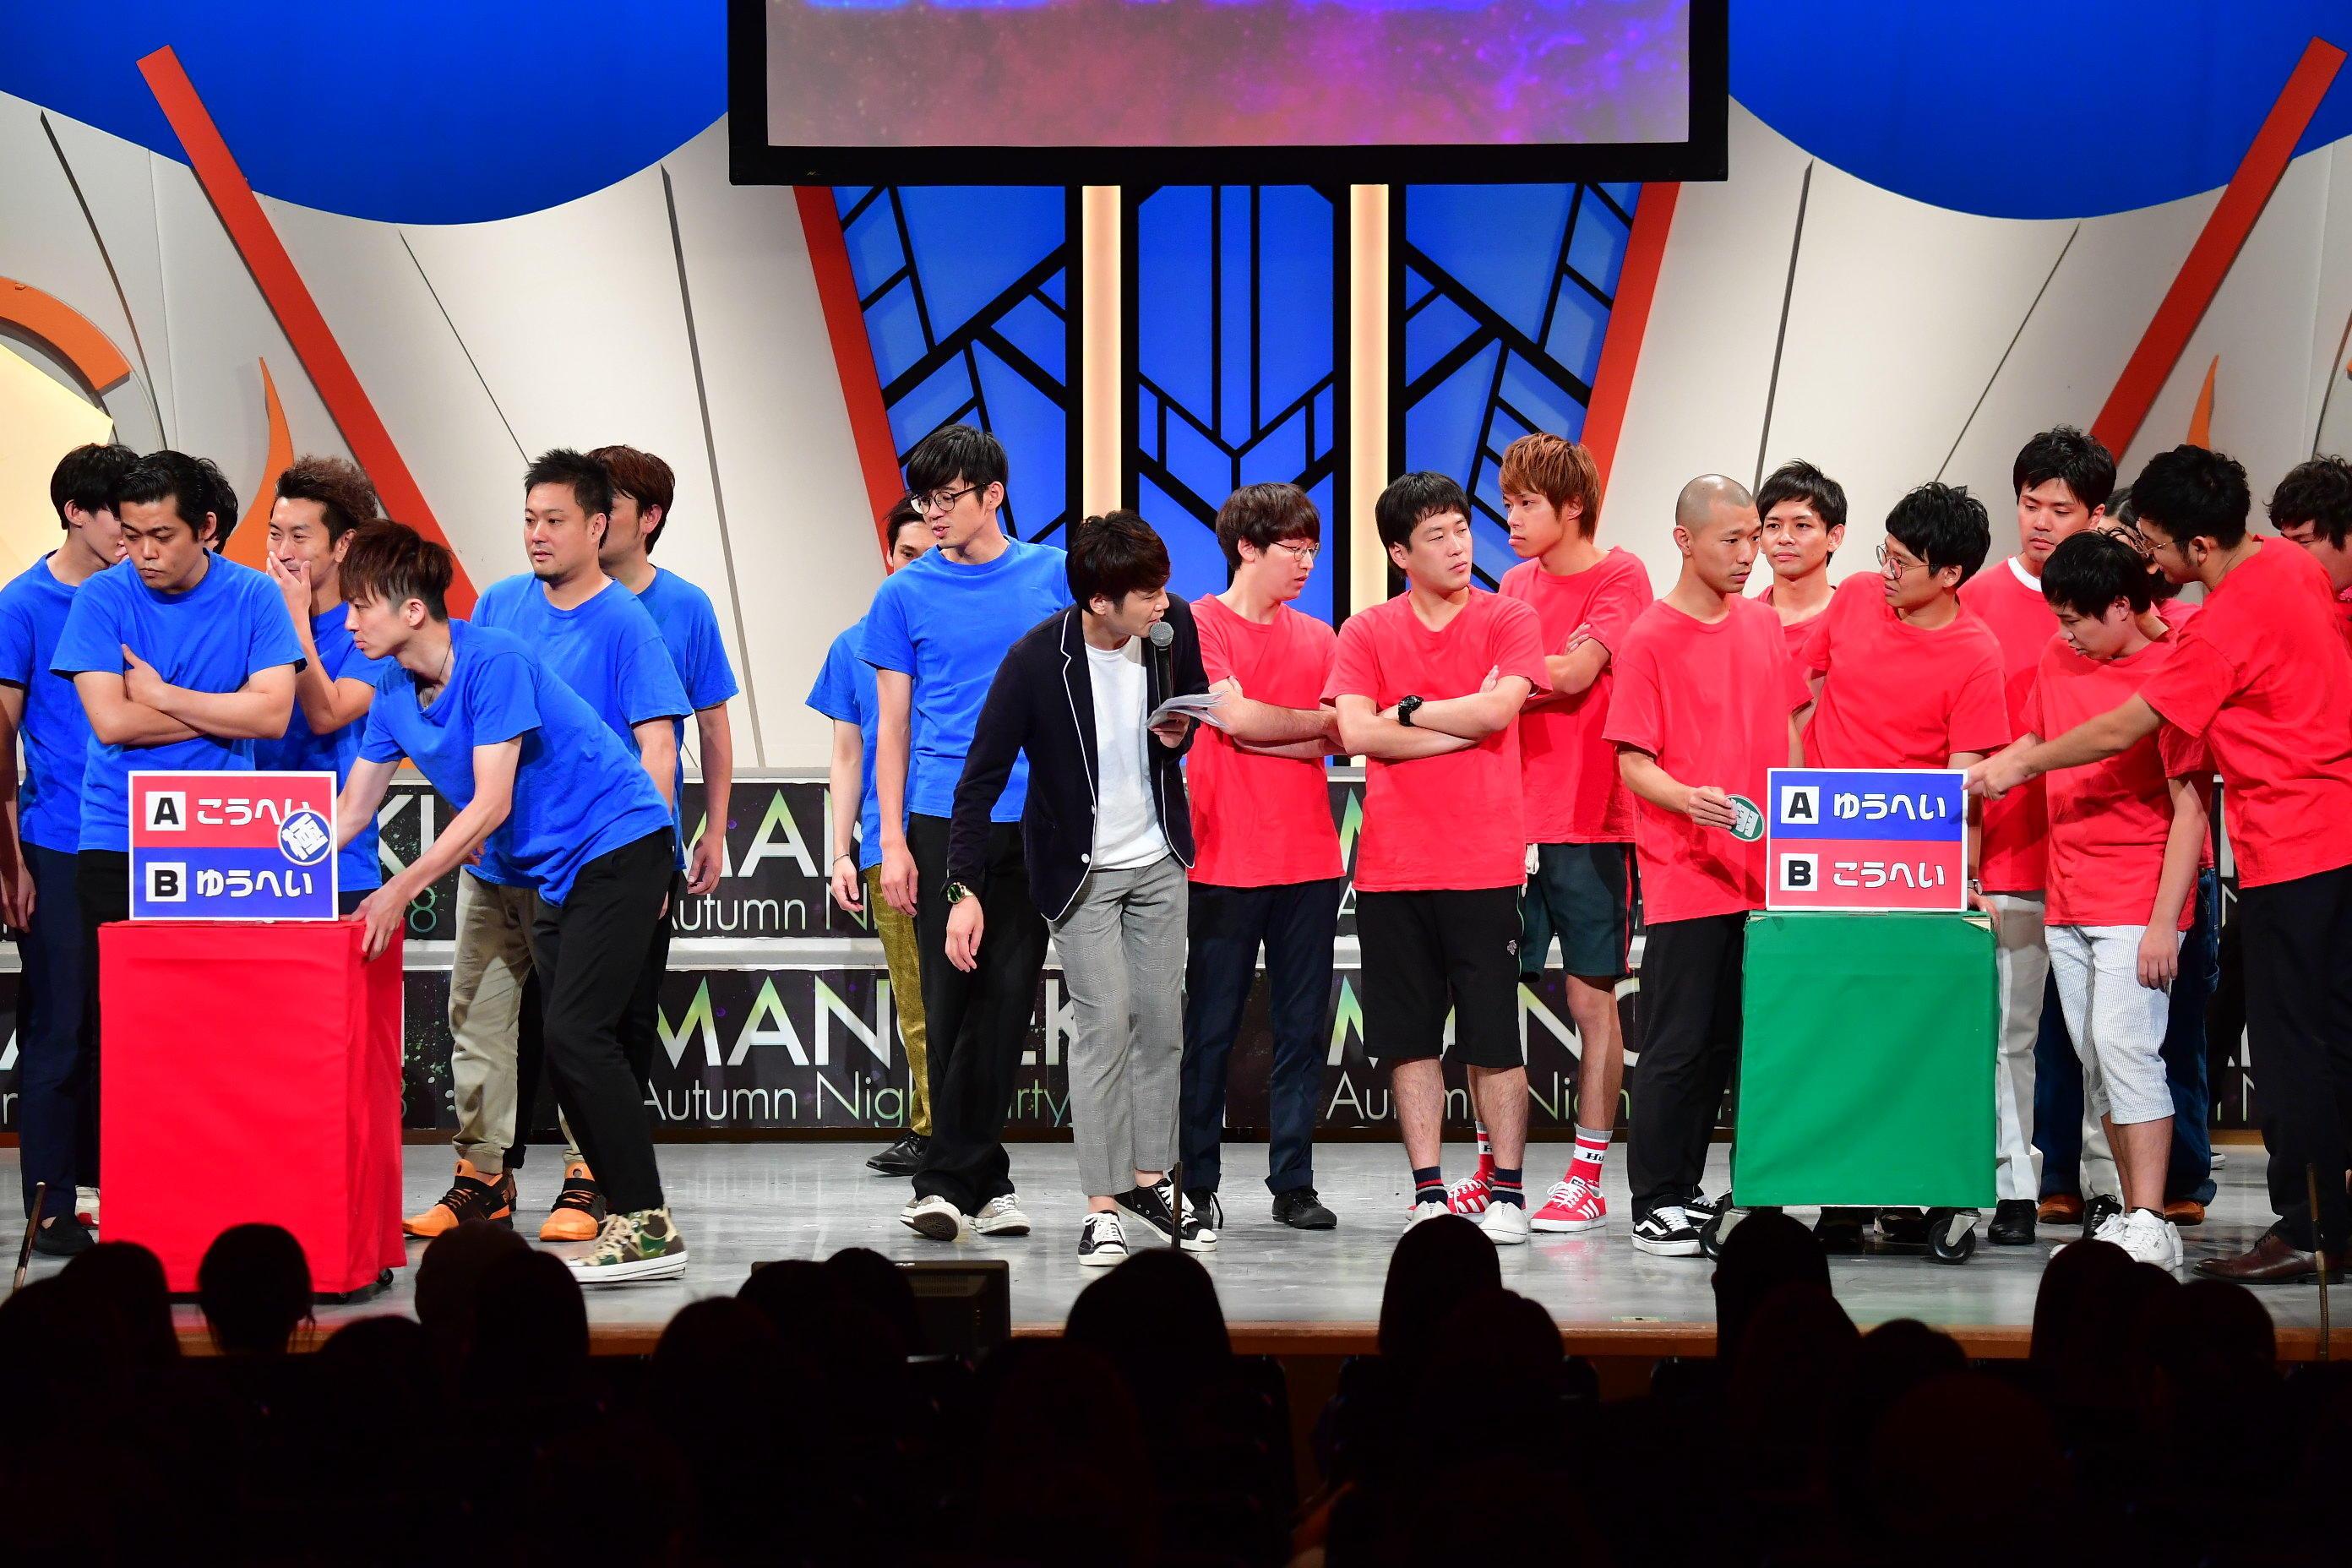 http://news.yoshimoto.co.jp/20180925143517-143d9ba1519e4af884a66b6a98f6d1eb63fe02d0.jpg